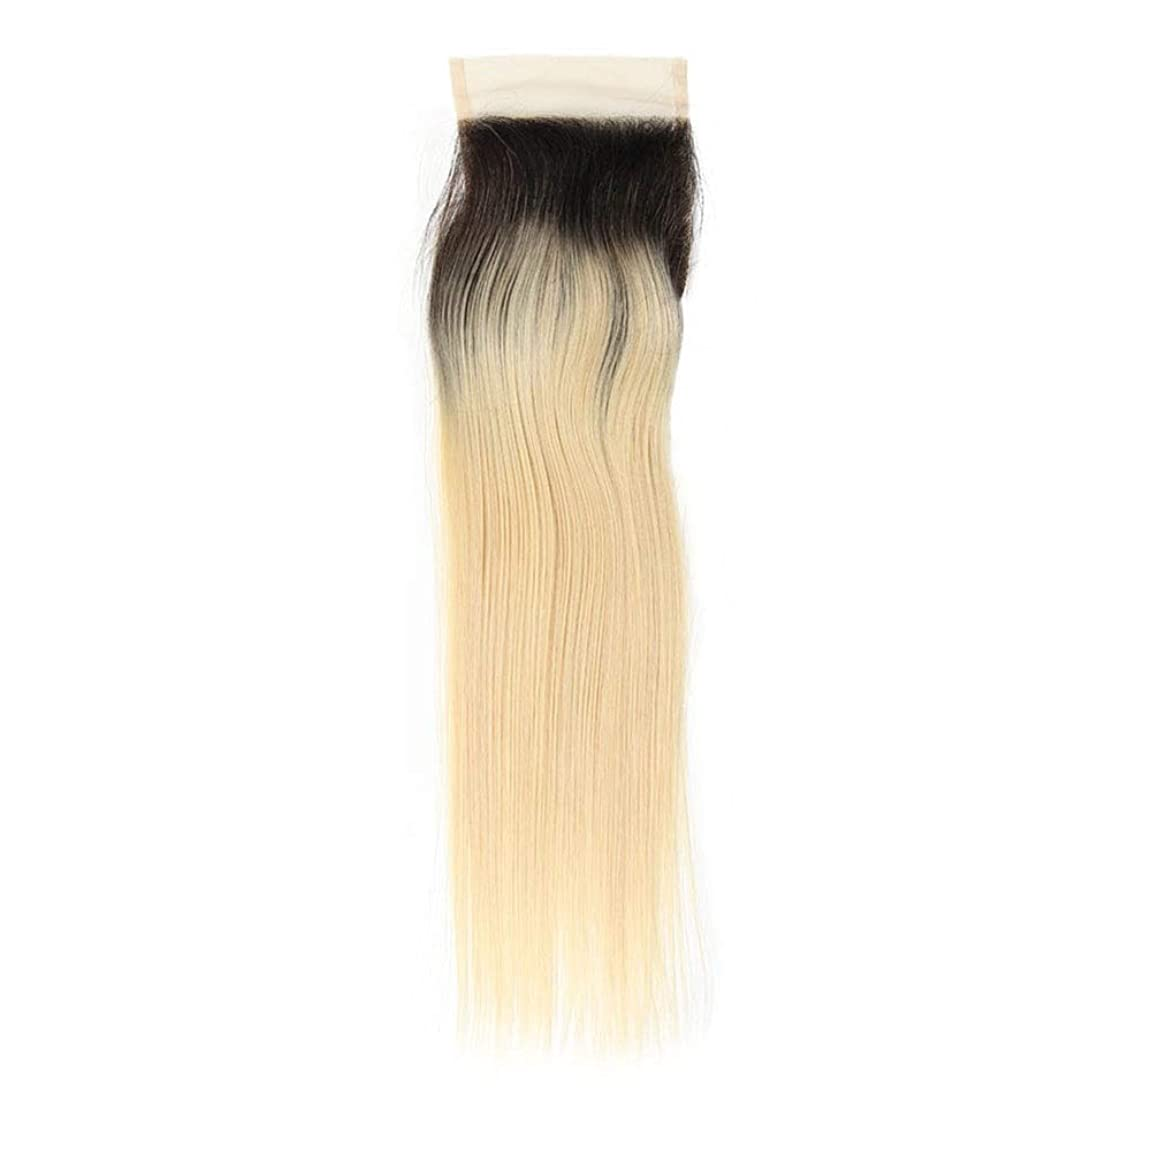 介入するペニー突然BOBIDYEE ブラジル髪ブロンド織り1B / 613#ストレート人毛エクステンション13X4フリーパーツレース前頭女性複合かつらレースかつらロールプレイングかつら (色 : Blonde, サイズ : 10 inch)